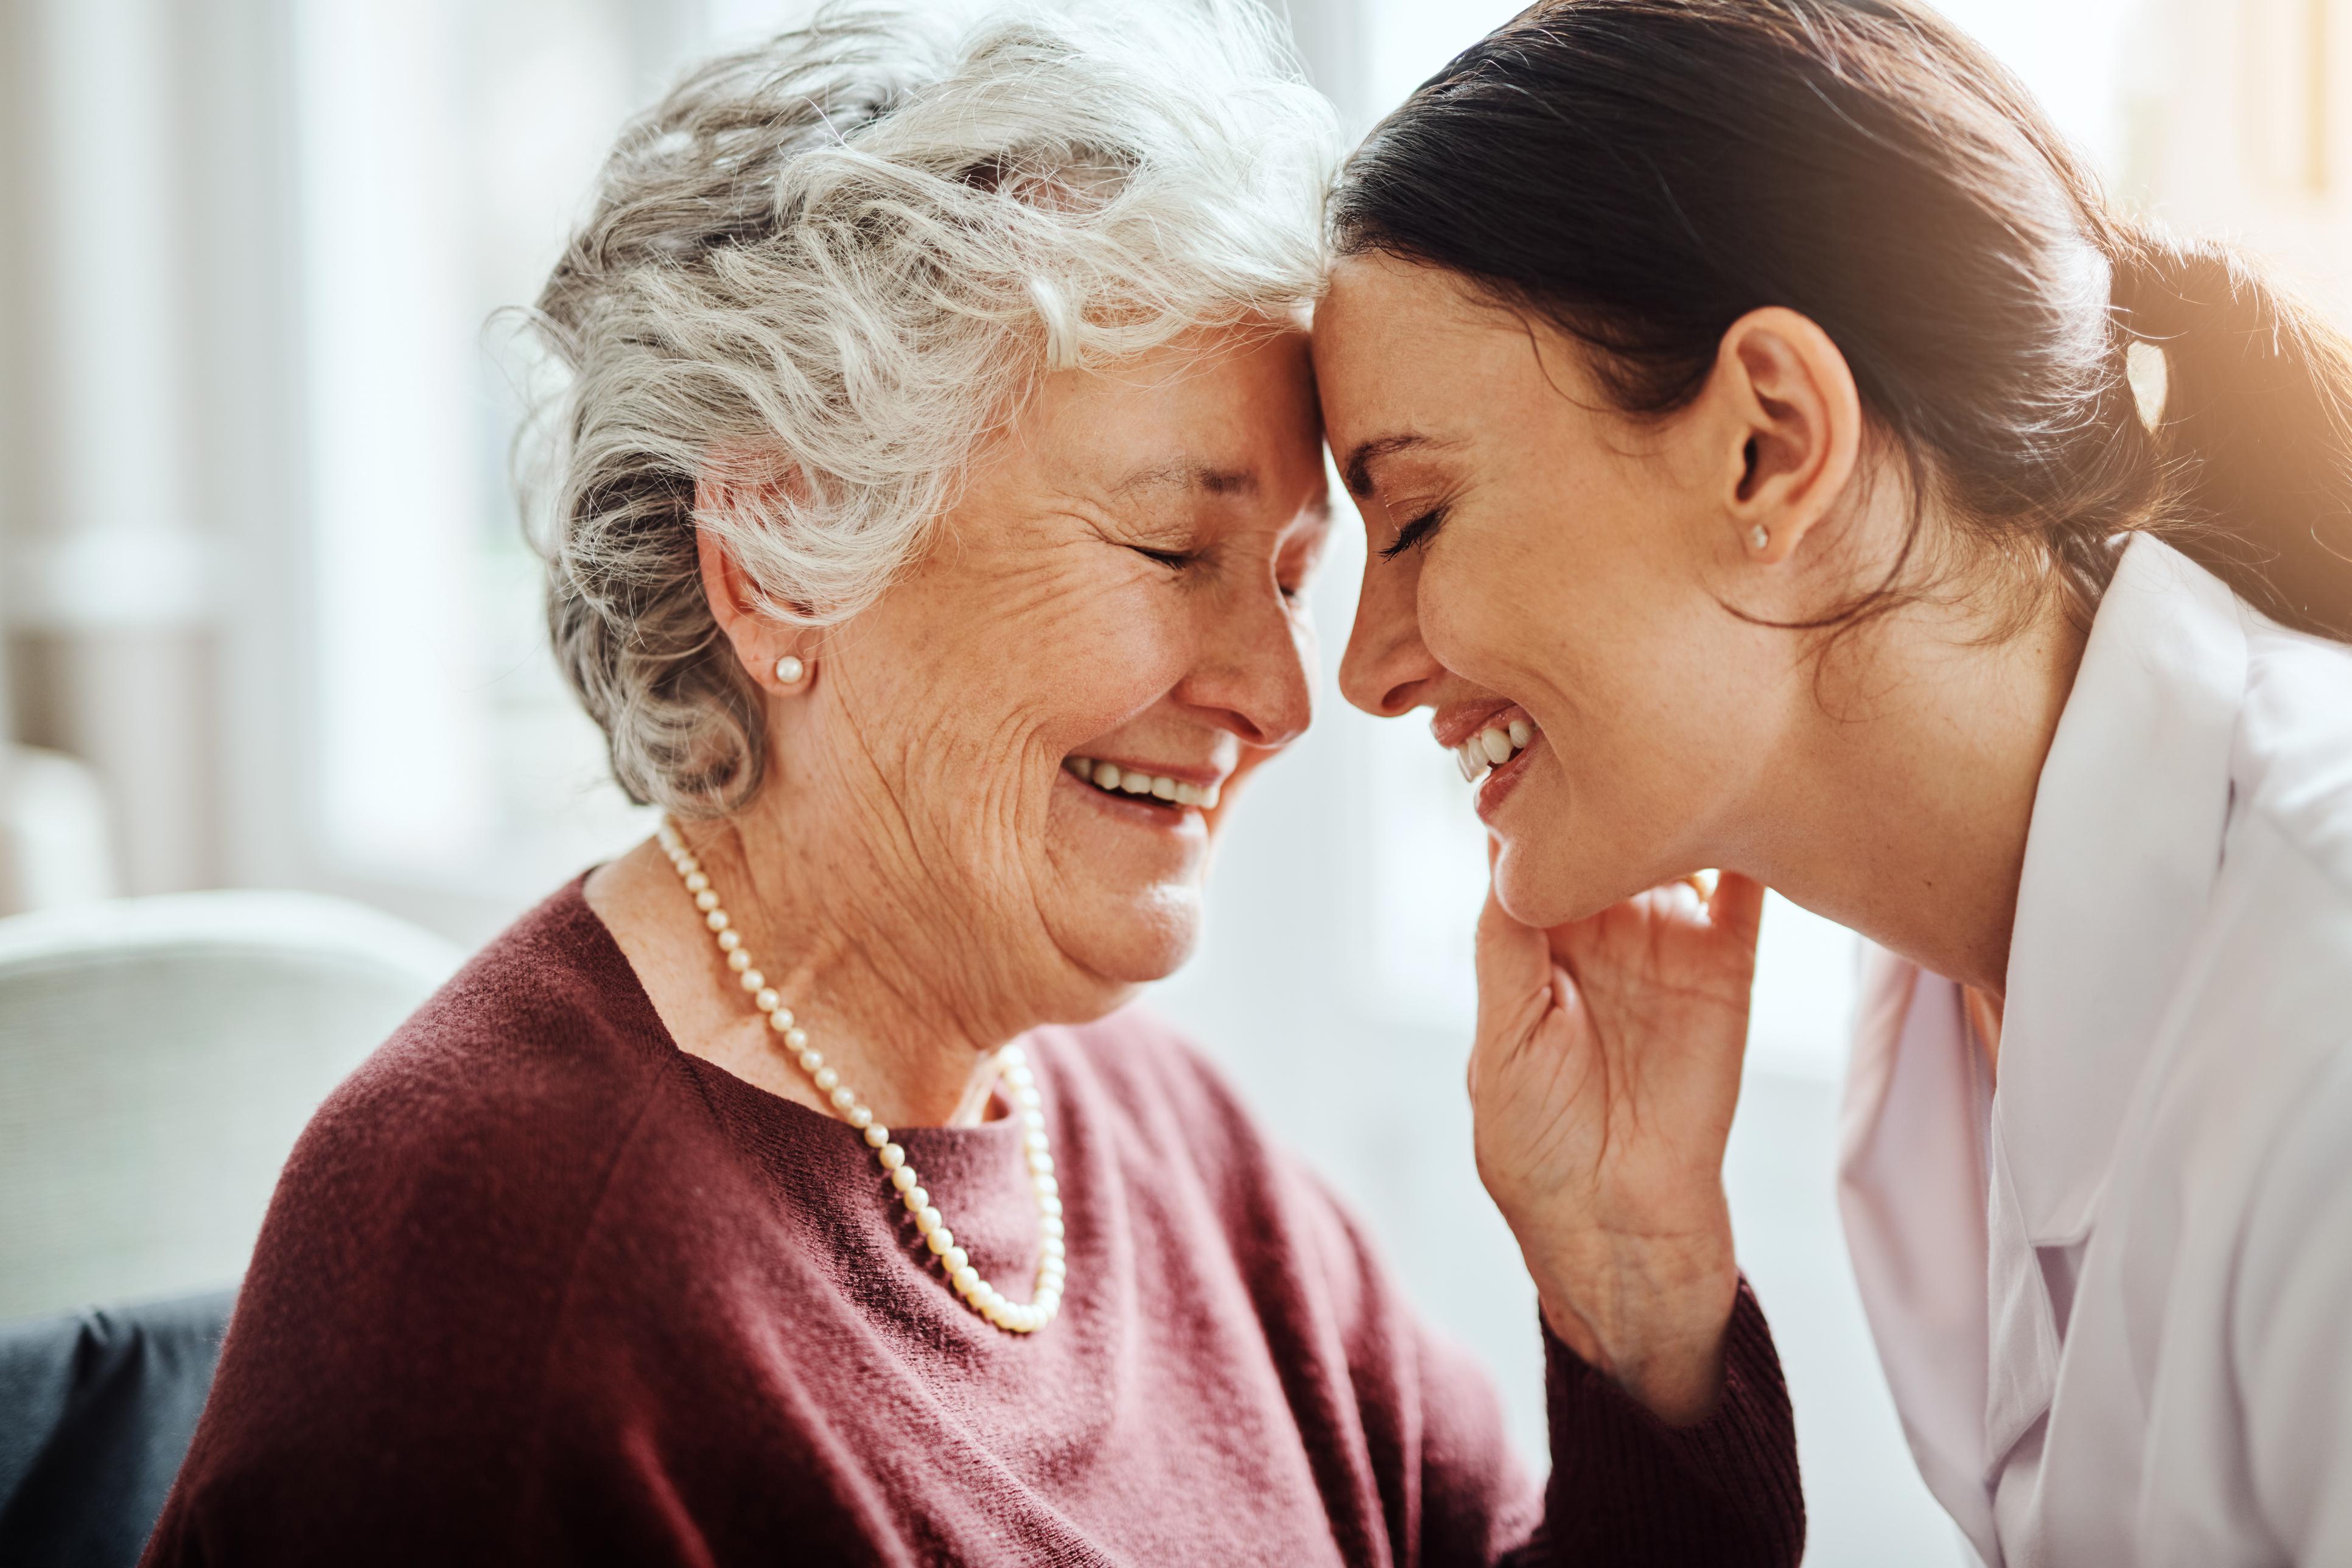 <p><strong>Tonglen</strong> (тибетски)</p>  <p>Поемането на мъката на другите и отвръщане на нея с любов, щастие, съчувствие и хармония.</p>